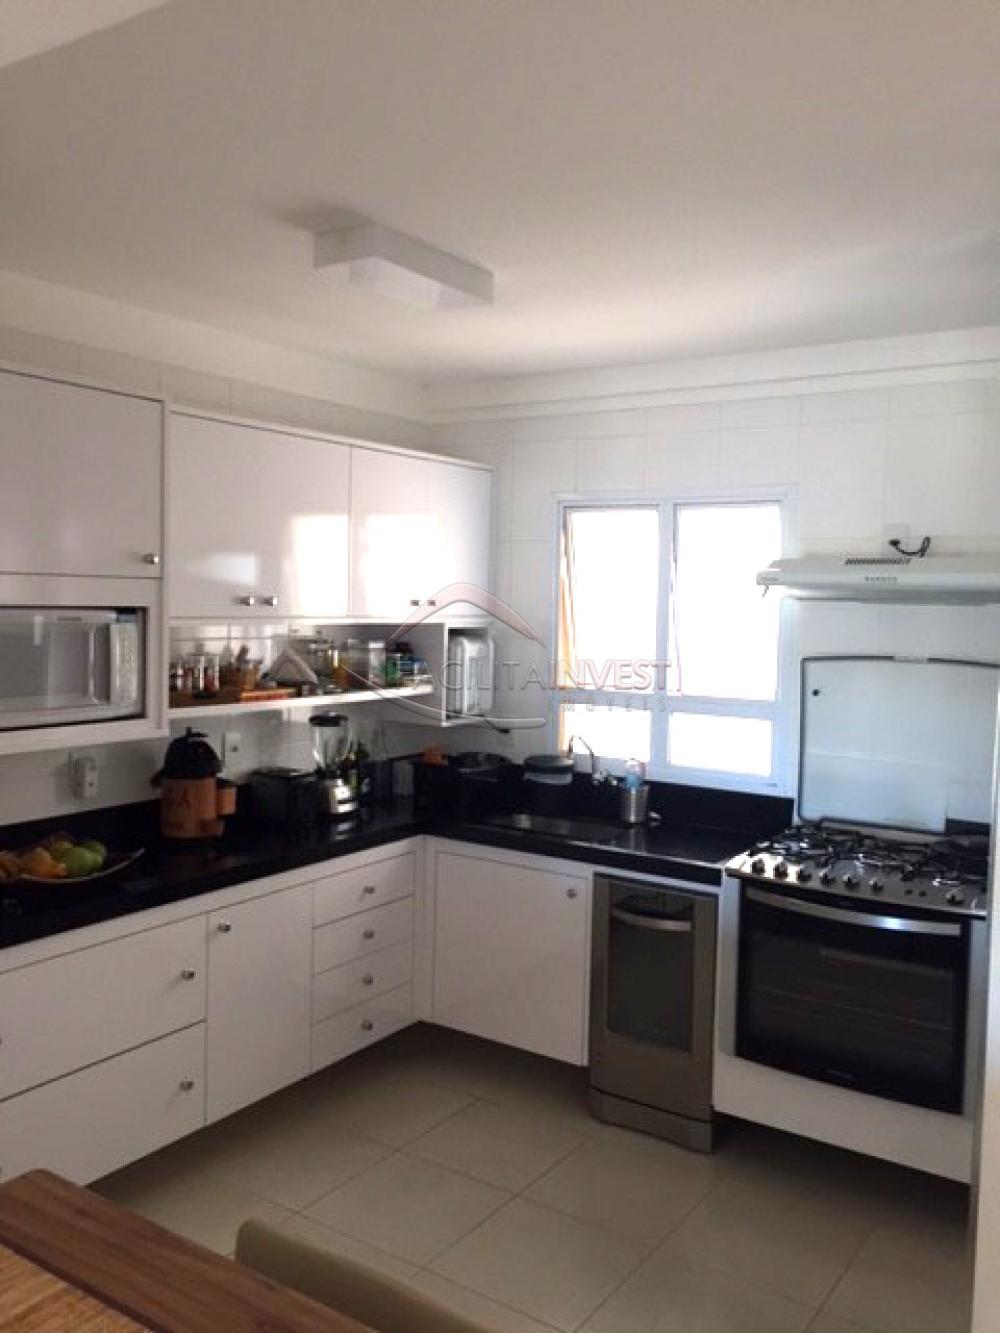 Comprar Apartamentos / Apart. Padrão em Ribeirão Preto apenas R$ 540.000,00 - Foto 3